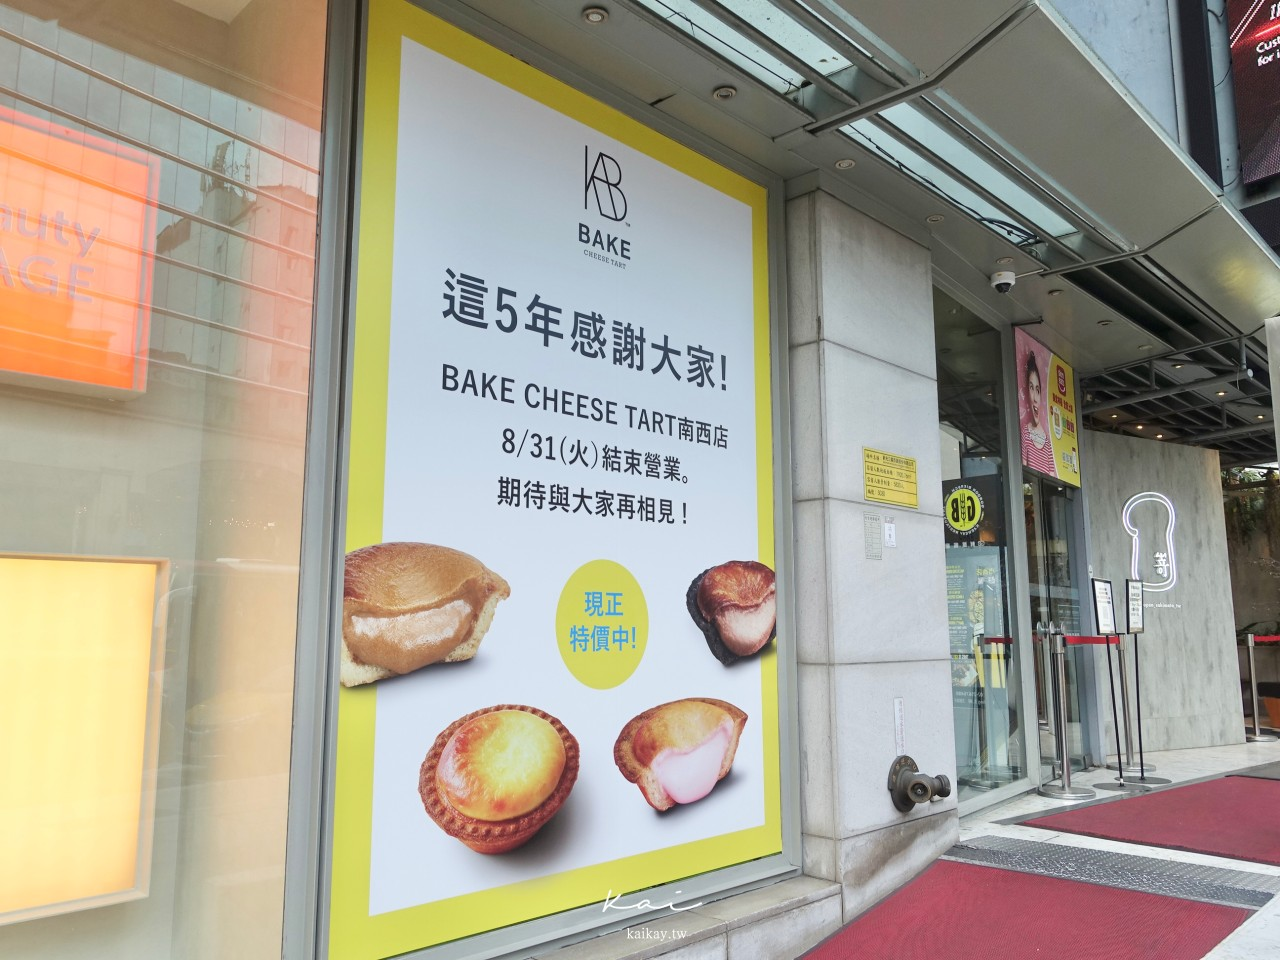 ☆【台北|中山站】掰掰!BAKE CHEESE TART。最後特價8/31前買二送一